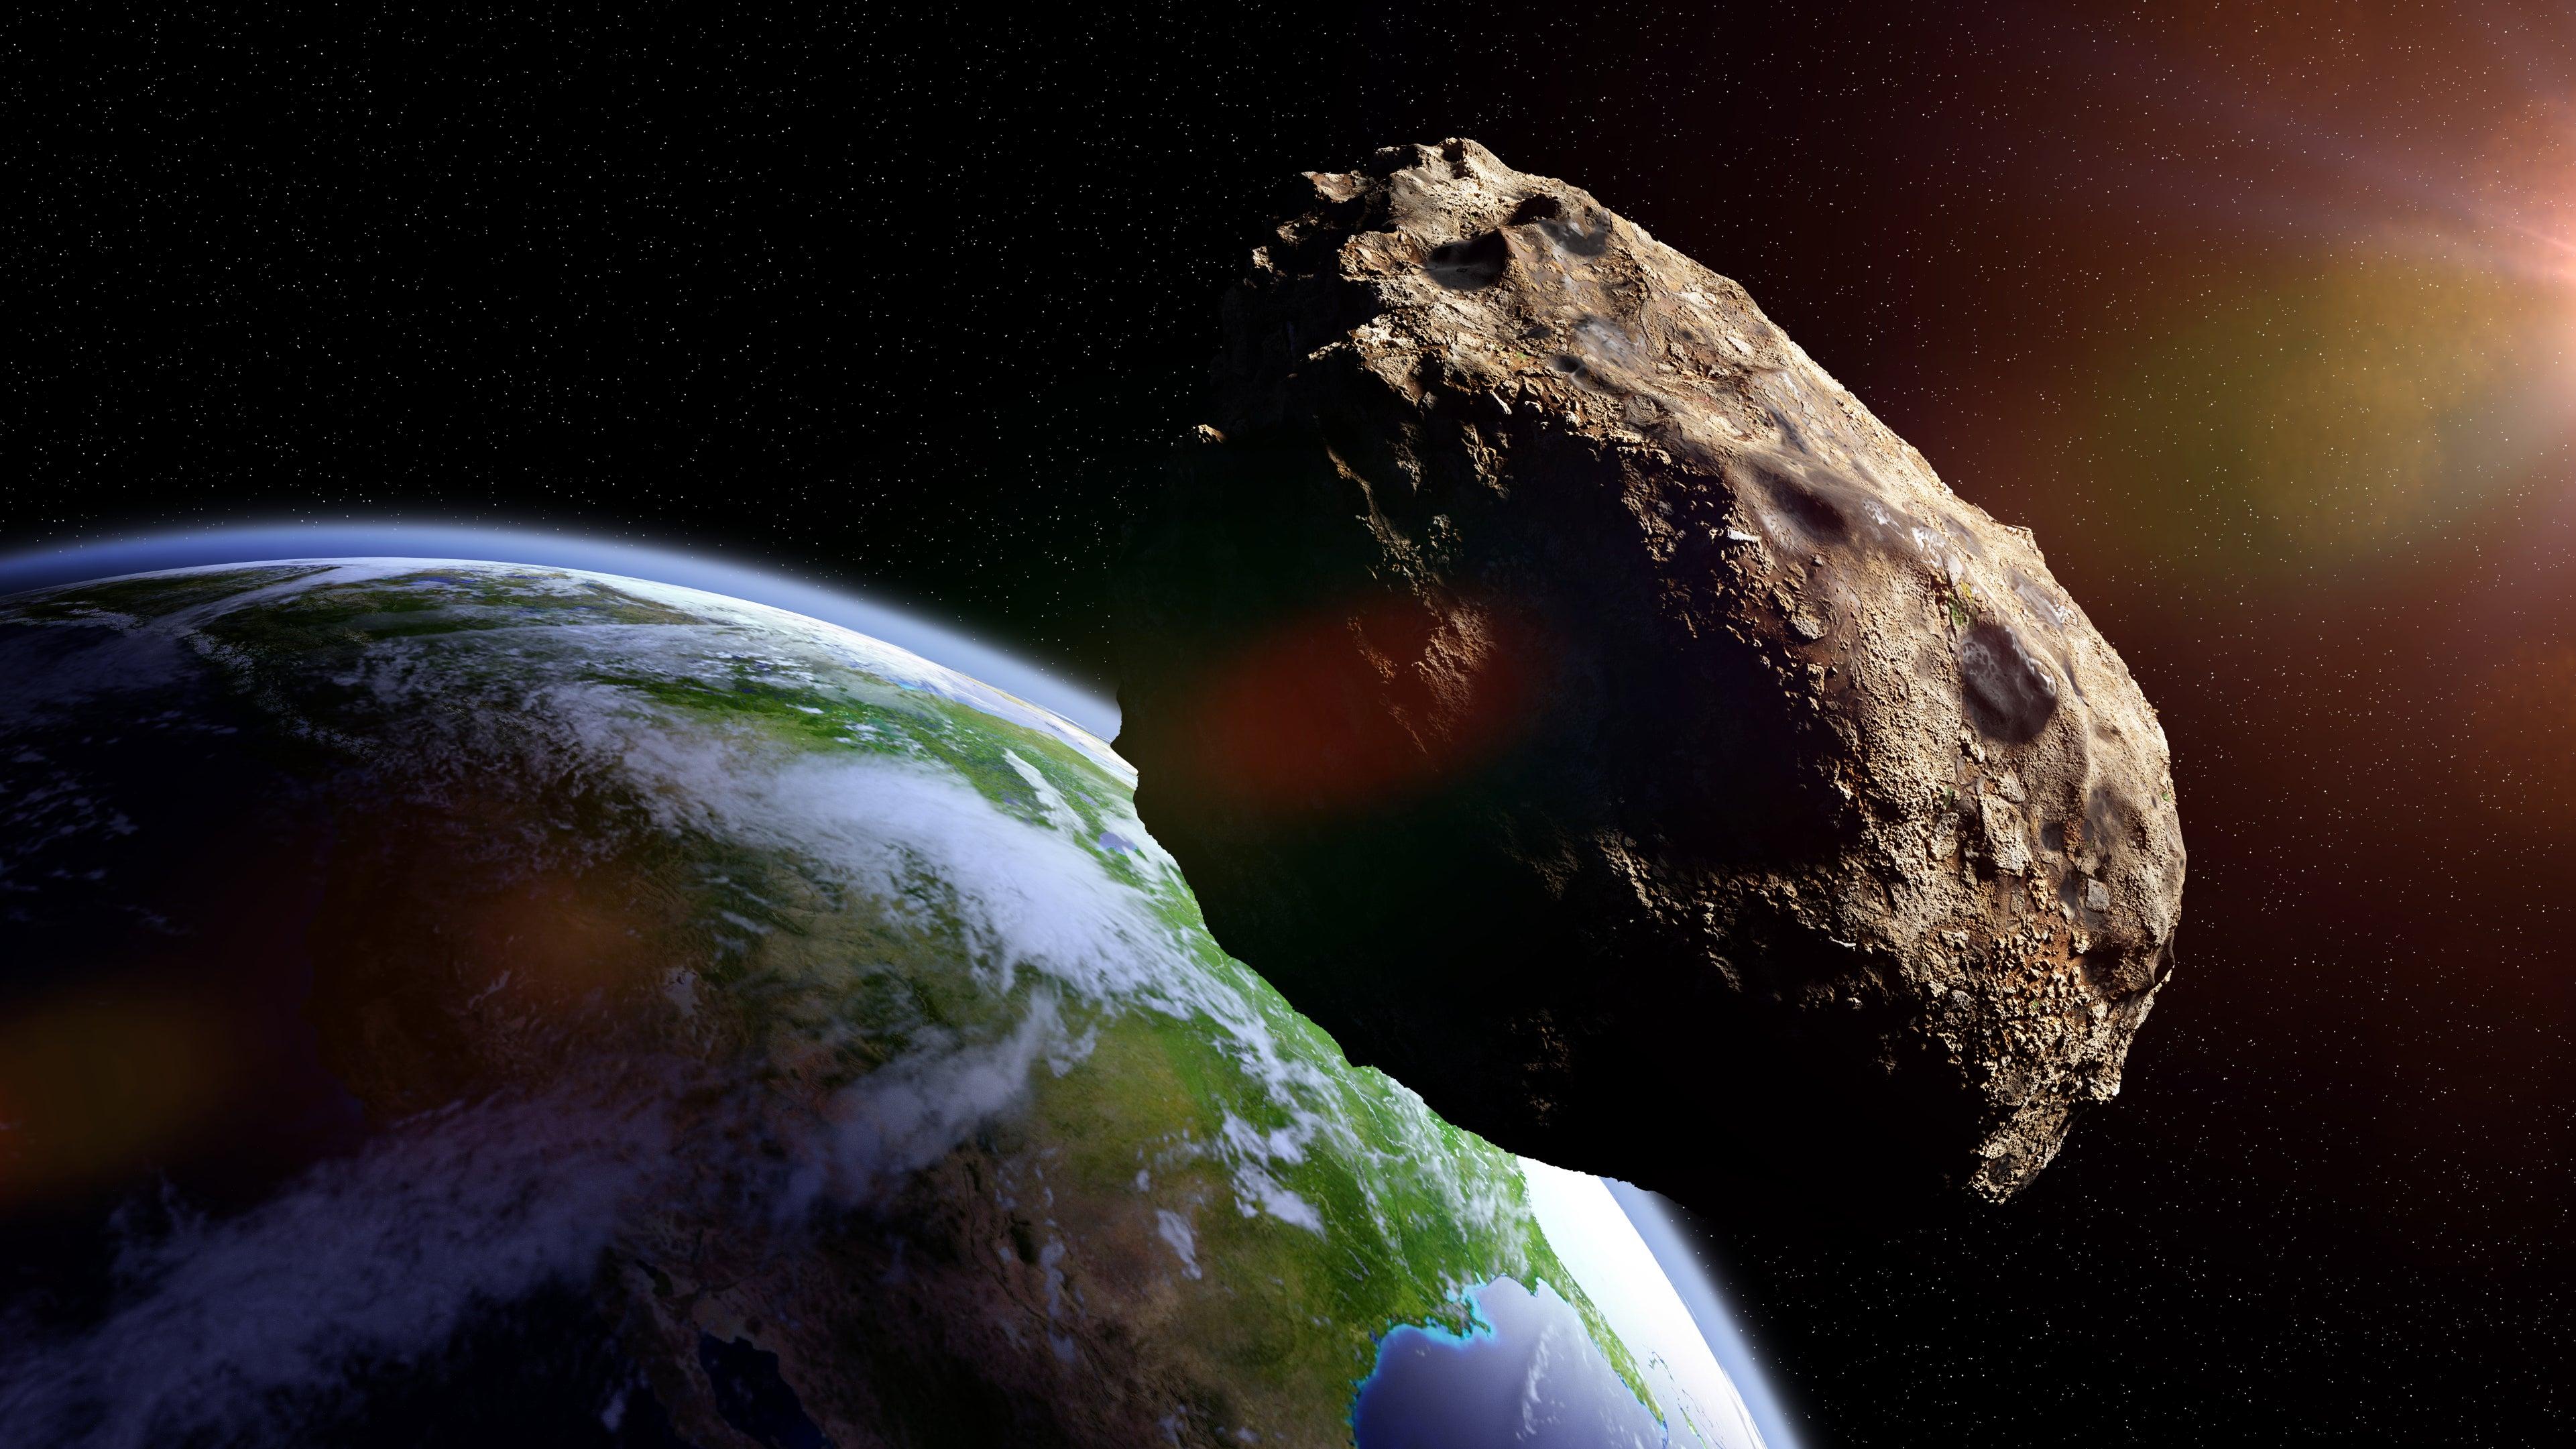 """""""Potentiell gefährlich"""": Doppel-Asteroid rast heute an der Erde vorbei"""